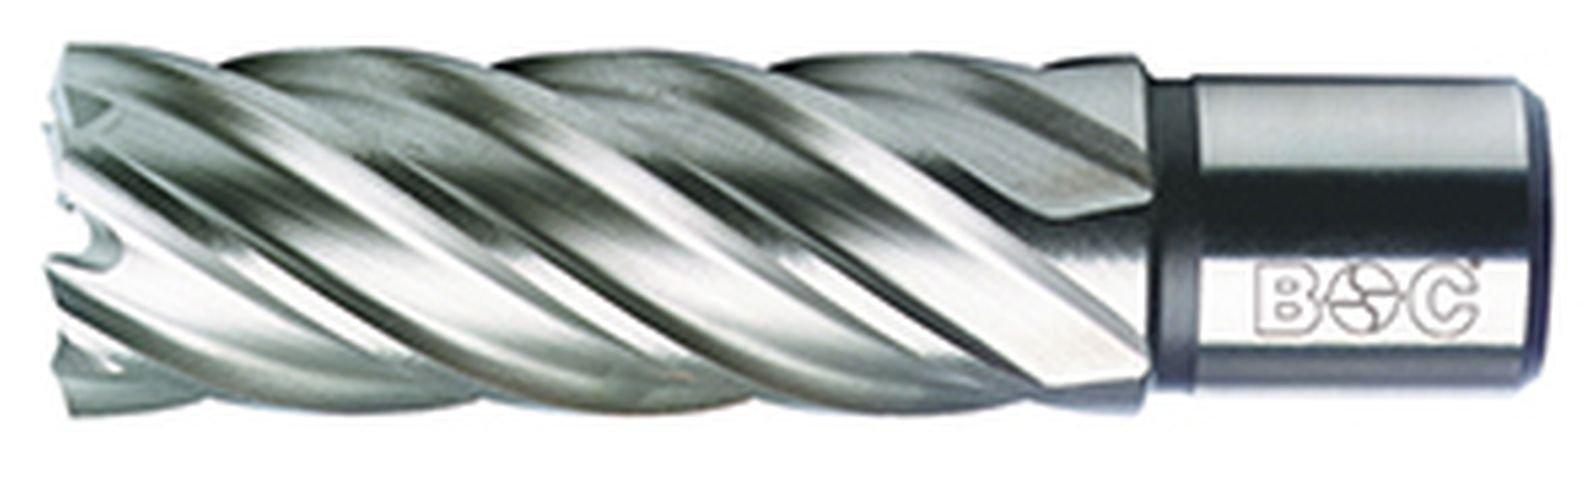 Bohrcraft-Kernbohrer-HSS-mit-Weldonschaft-34-Zoll-200-x-50-mm-Schnitttiefe-in-QuadroPack-1-Stck-19500302050